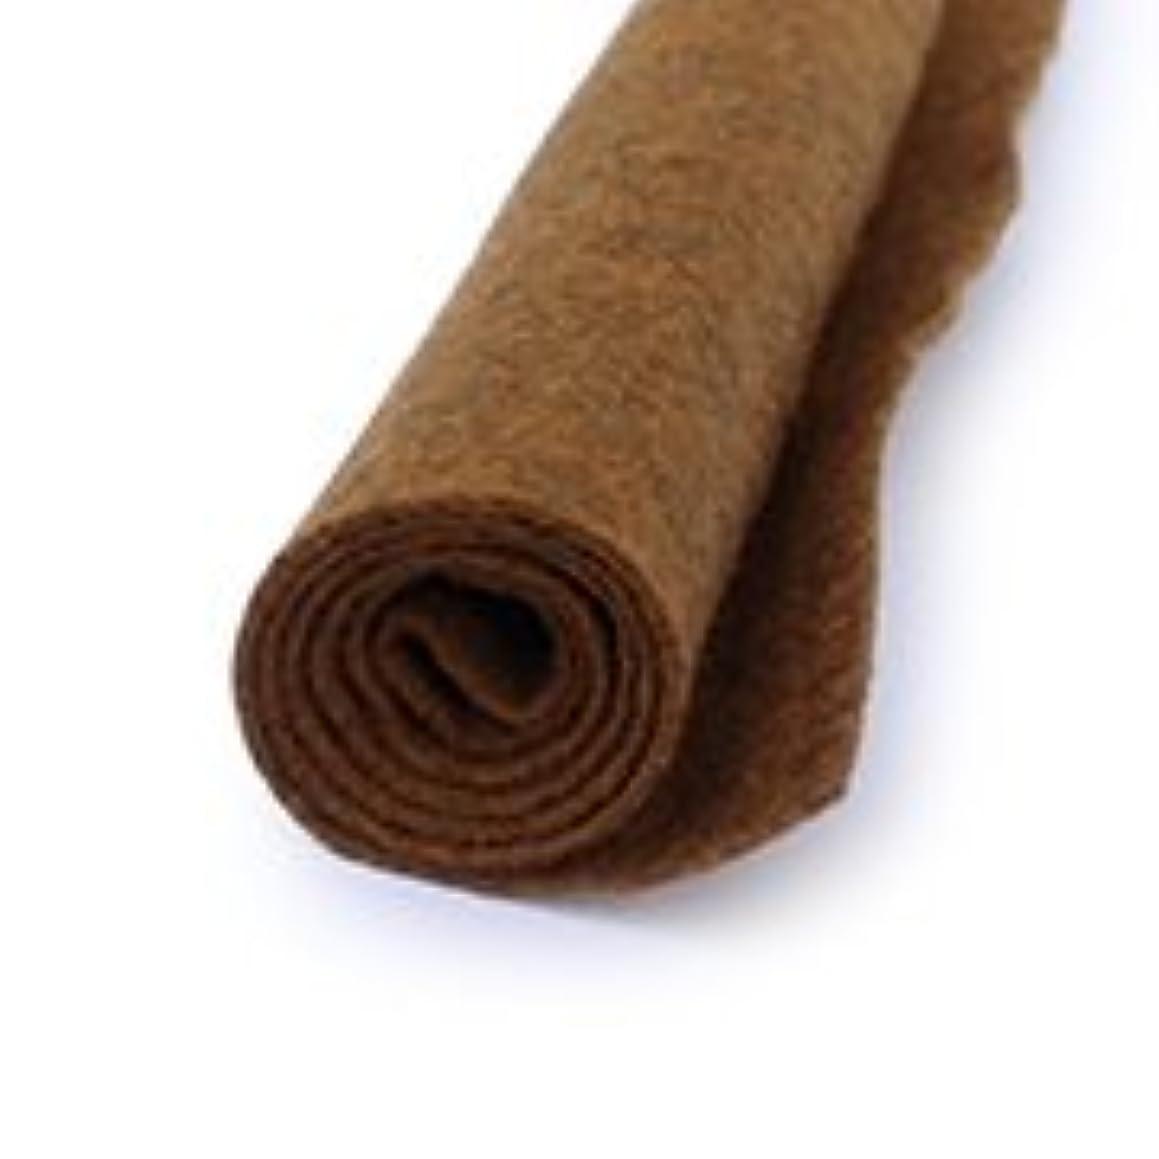 Safari Brown - Wool Felt Oversized Sheet - 35% Wool Blend - 1 12x18 inch sheet